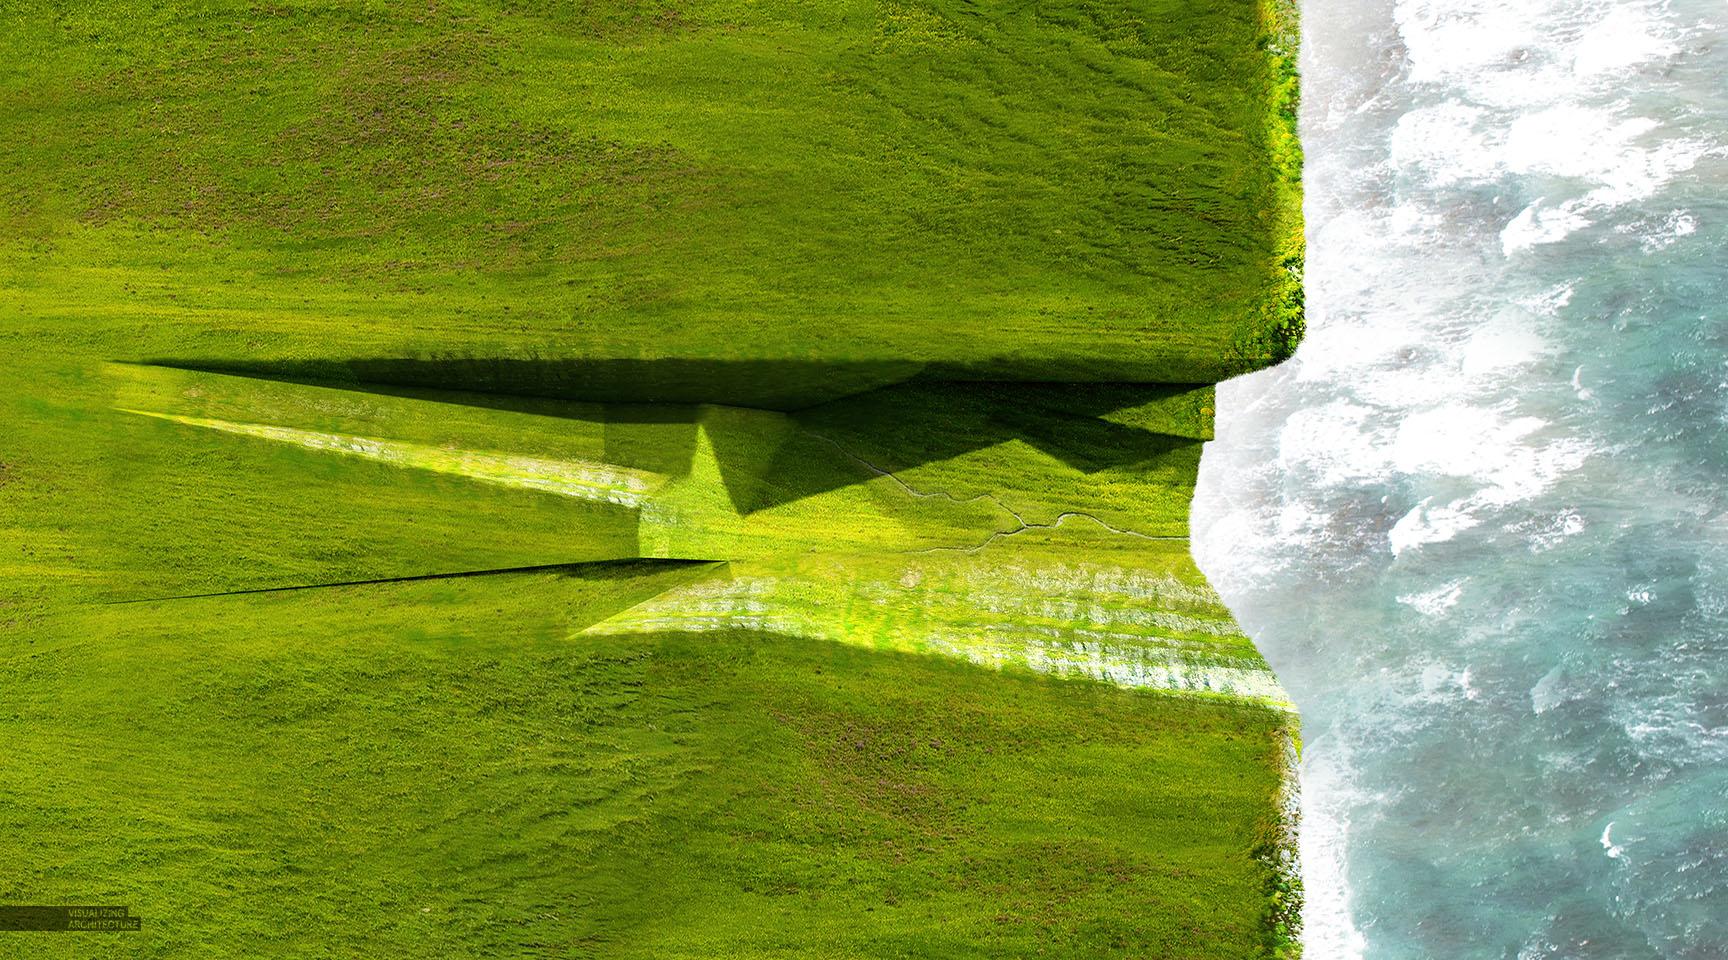 cliff_diagram_5_GrassFinish